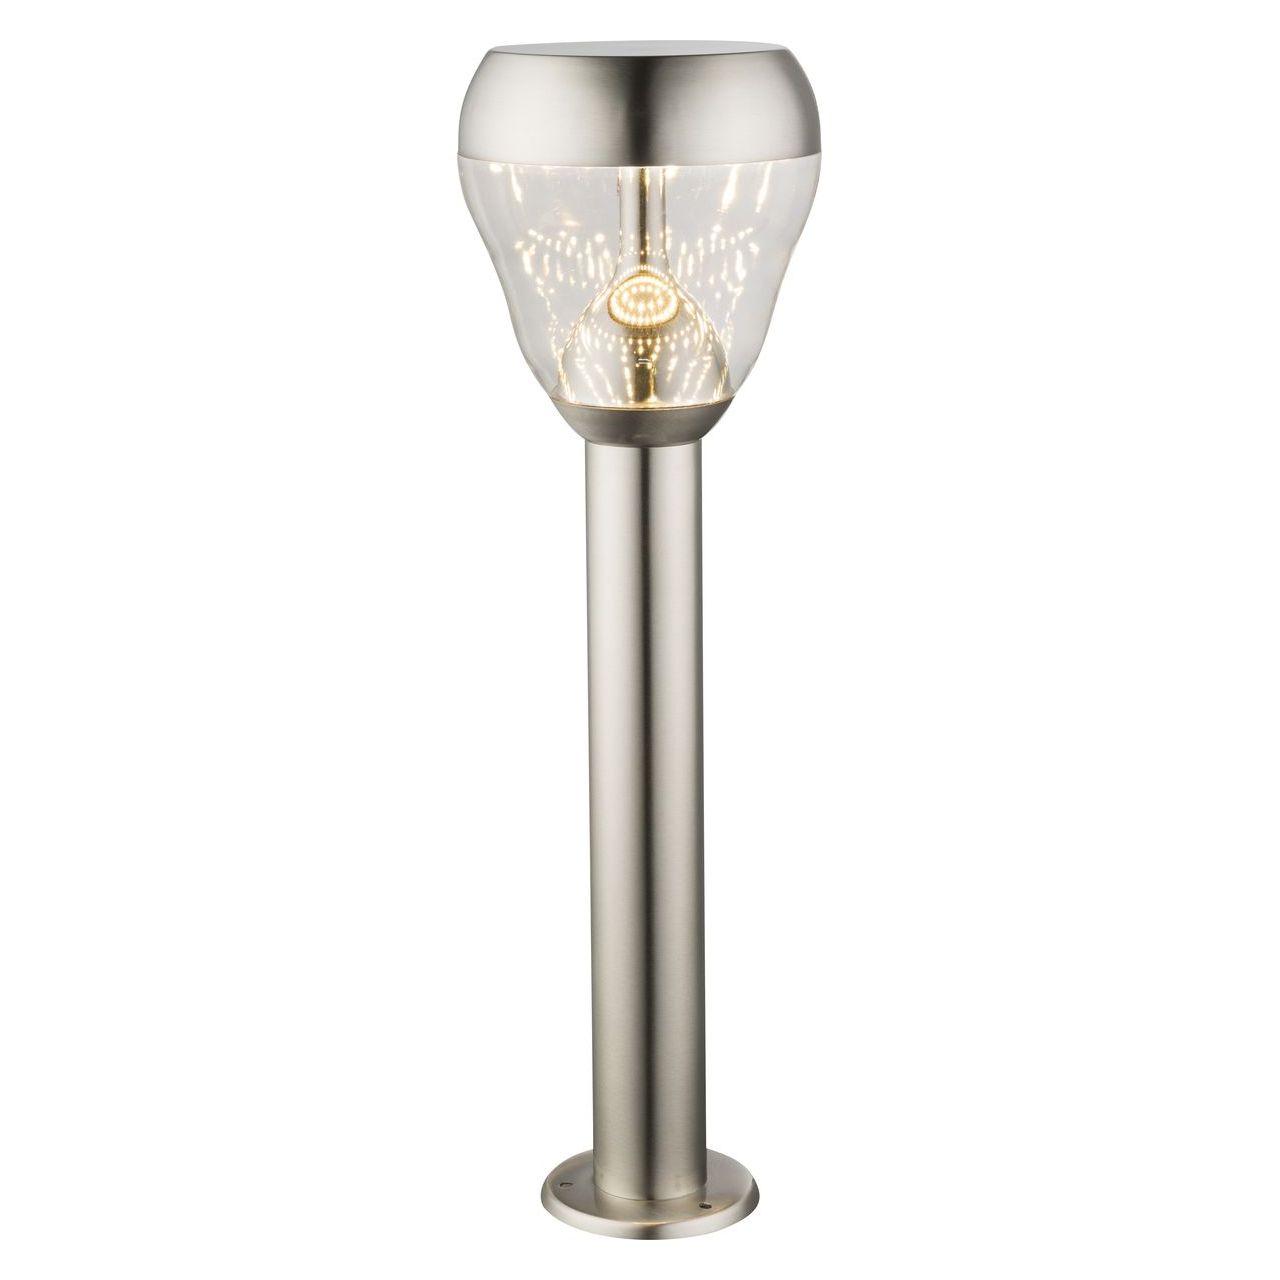 Уличный светодиодный светильник Globo Monte 32251 уличный светодиодный светильник globo monte 32251